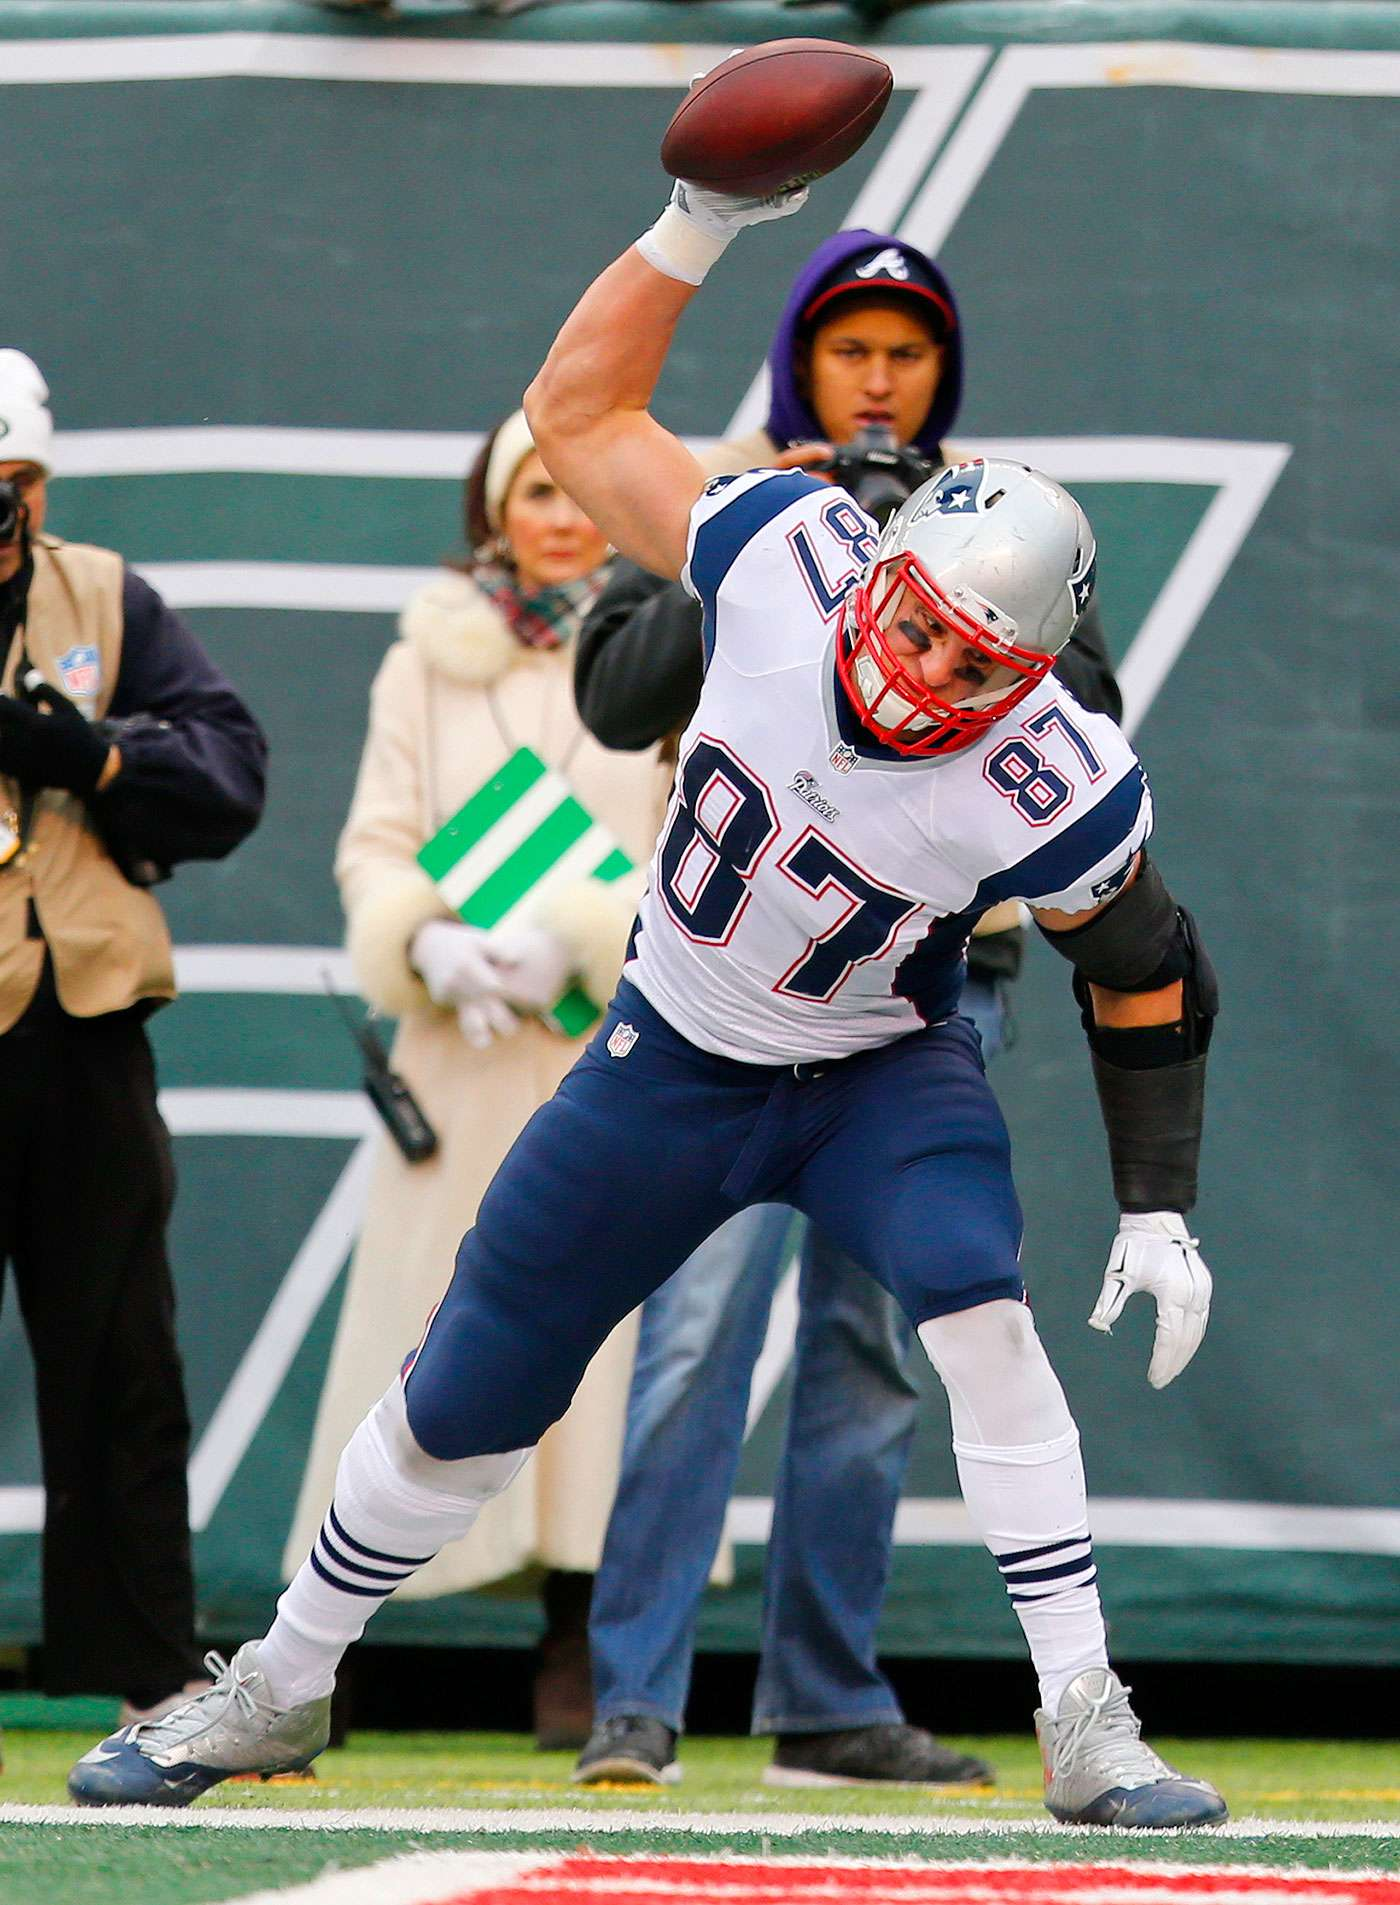 Rob Gronkowski, tight end de los Patriots de Nueva Inglaterra, azota el balón luego de anotar en el partido del domingo 21 de diciembre de 2014, frente a los Jets de Nueva York. Foto: Julio Cortez/AP